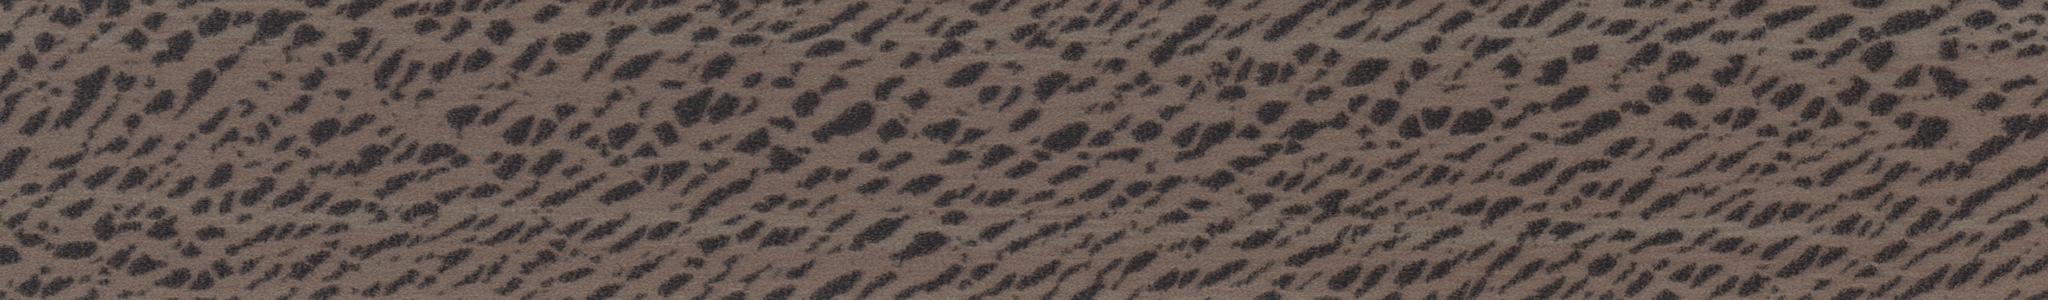 HD 264838 ABS Edge Platan Smooth